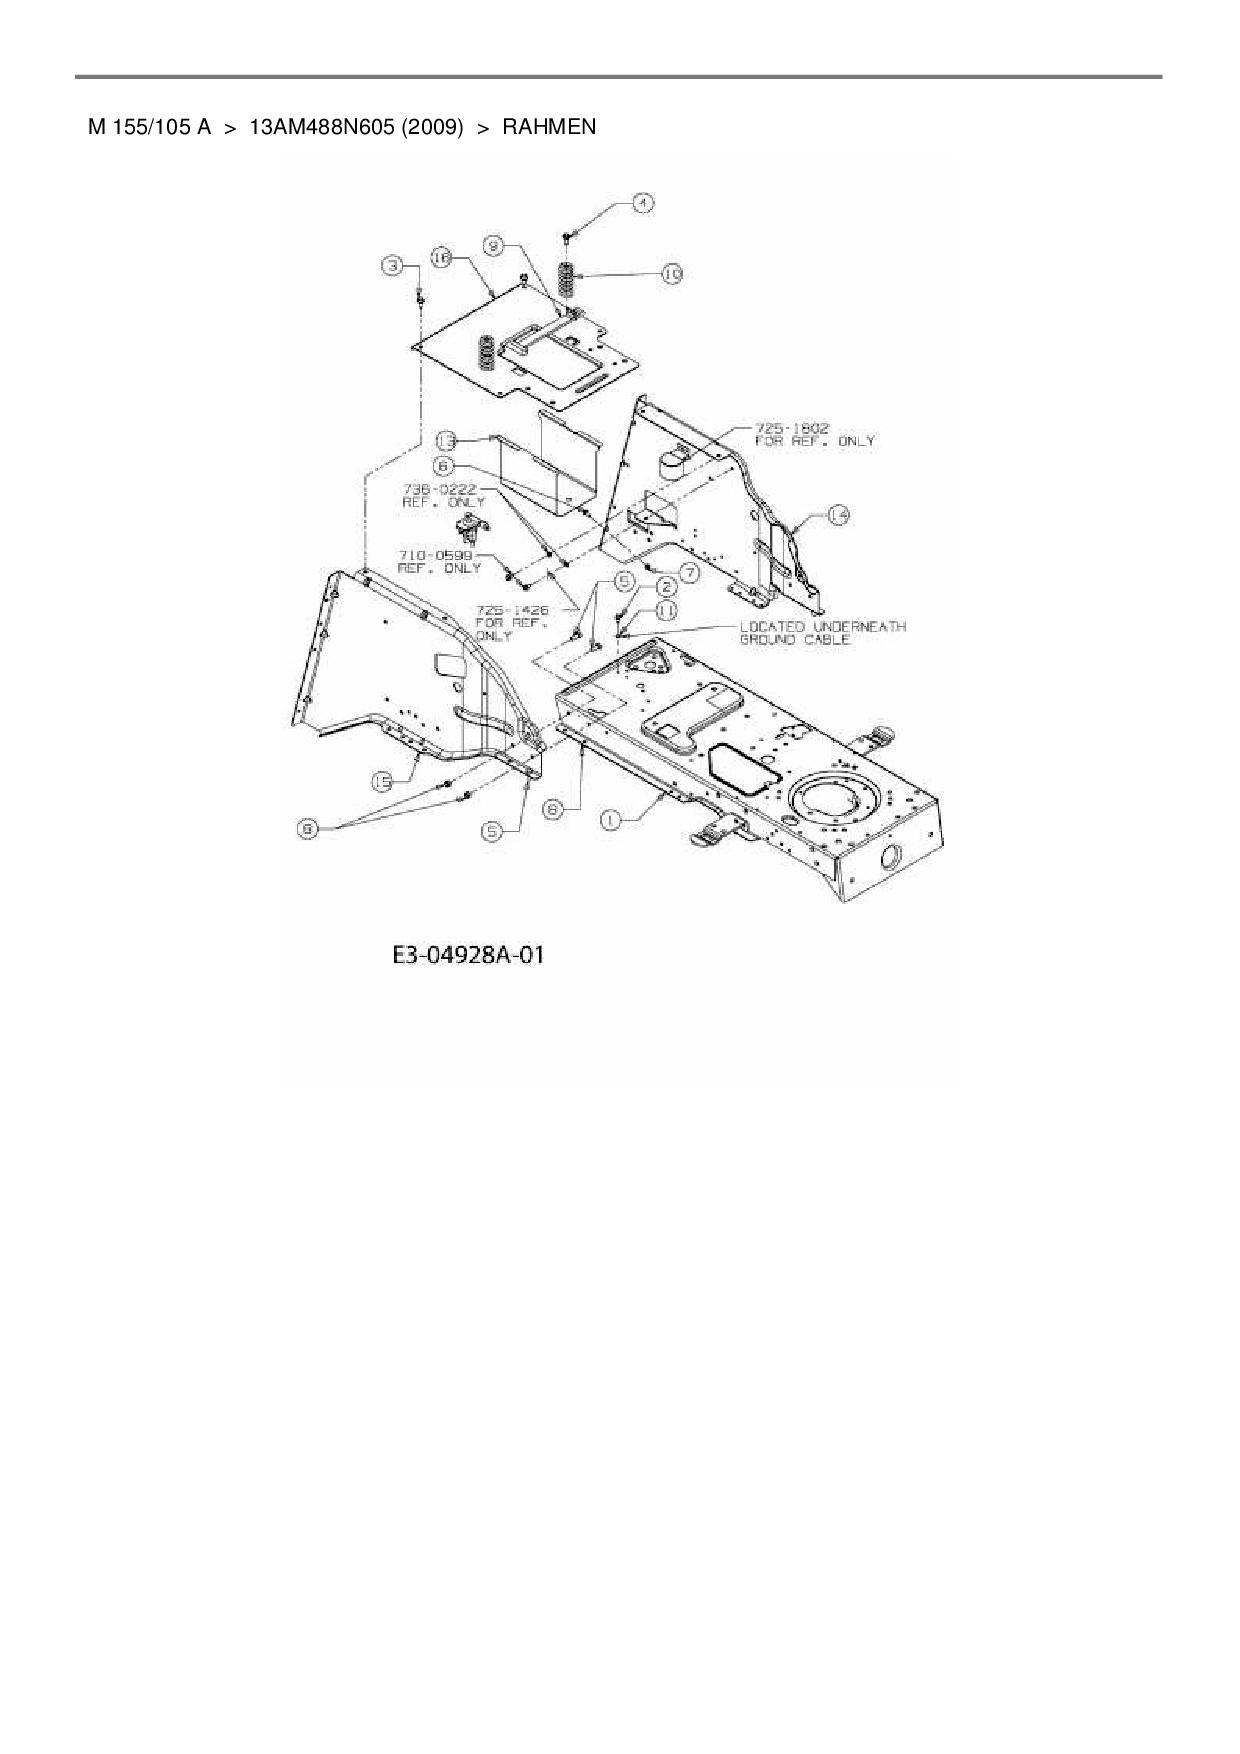 Ersatzteile von M Tech Rasentraktor M 155/105 A aus der Zeichnung Rah